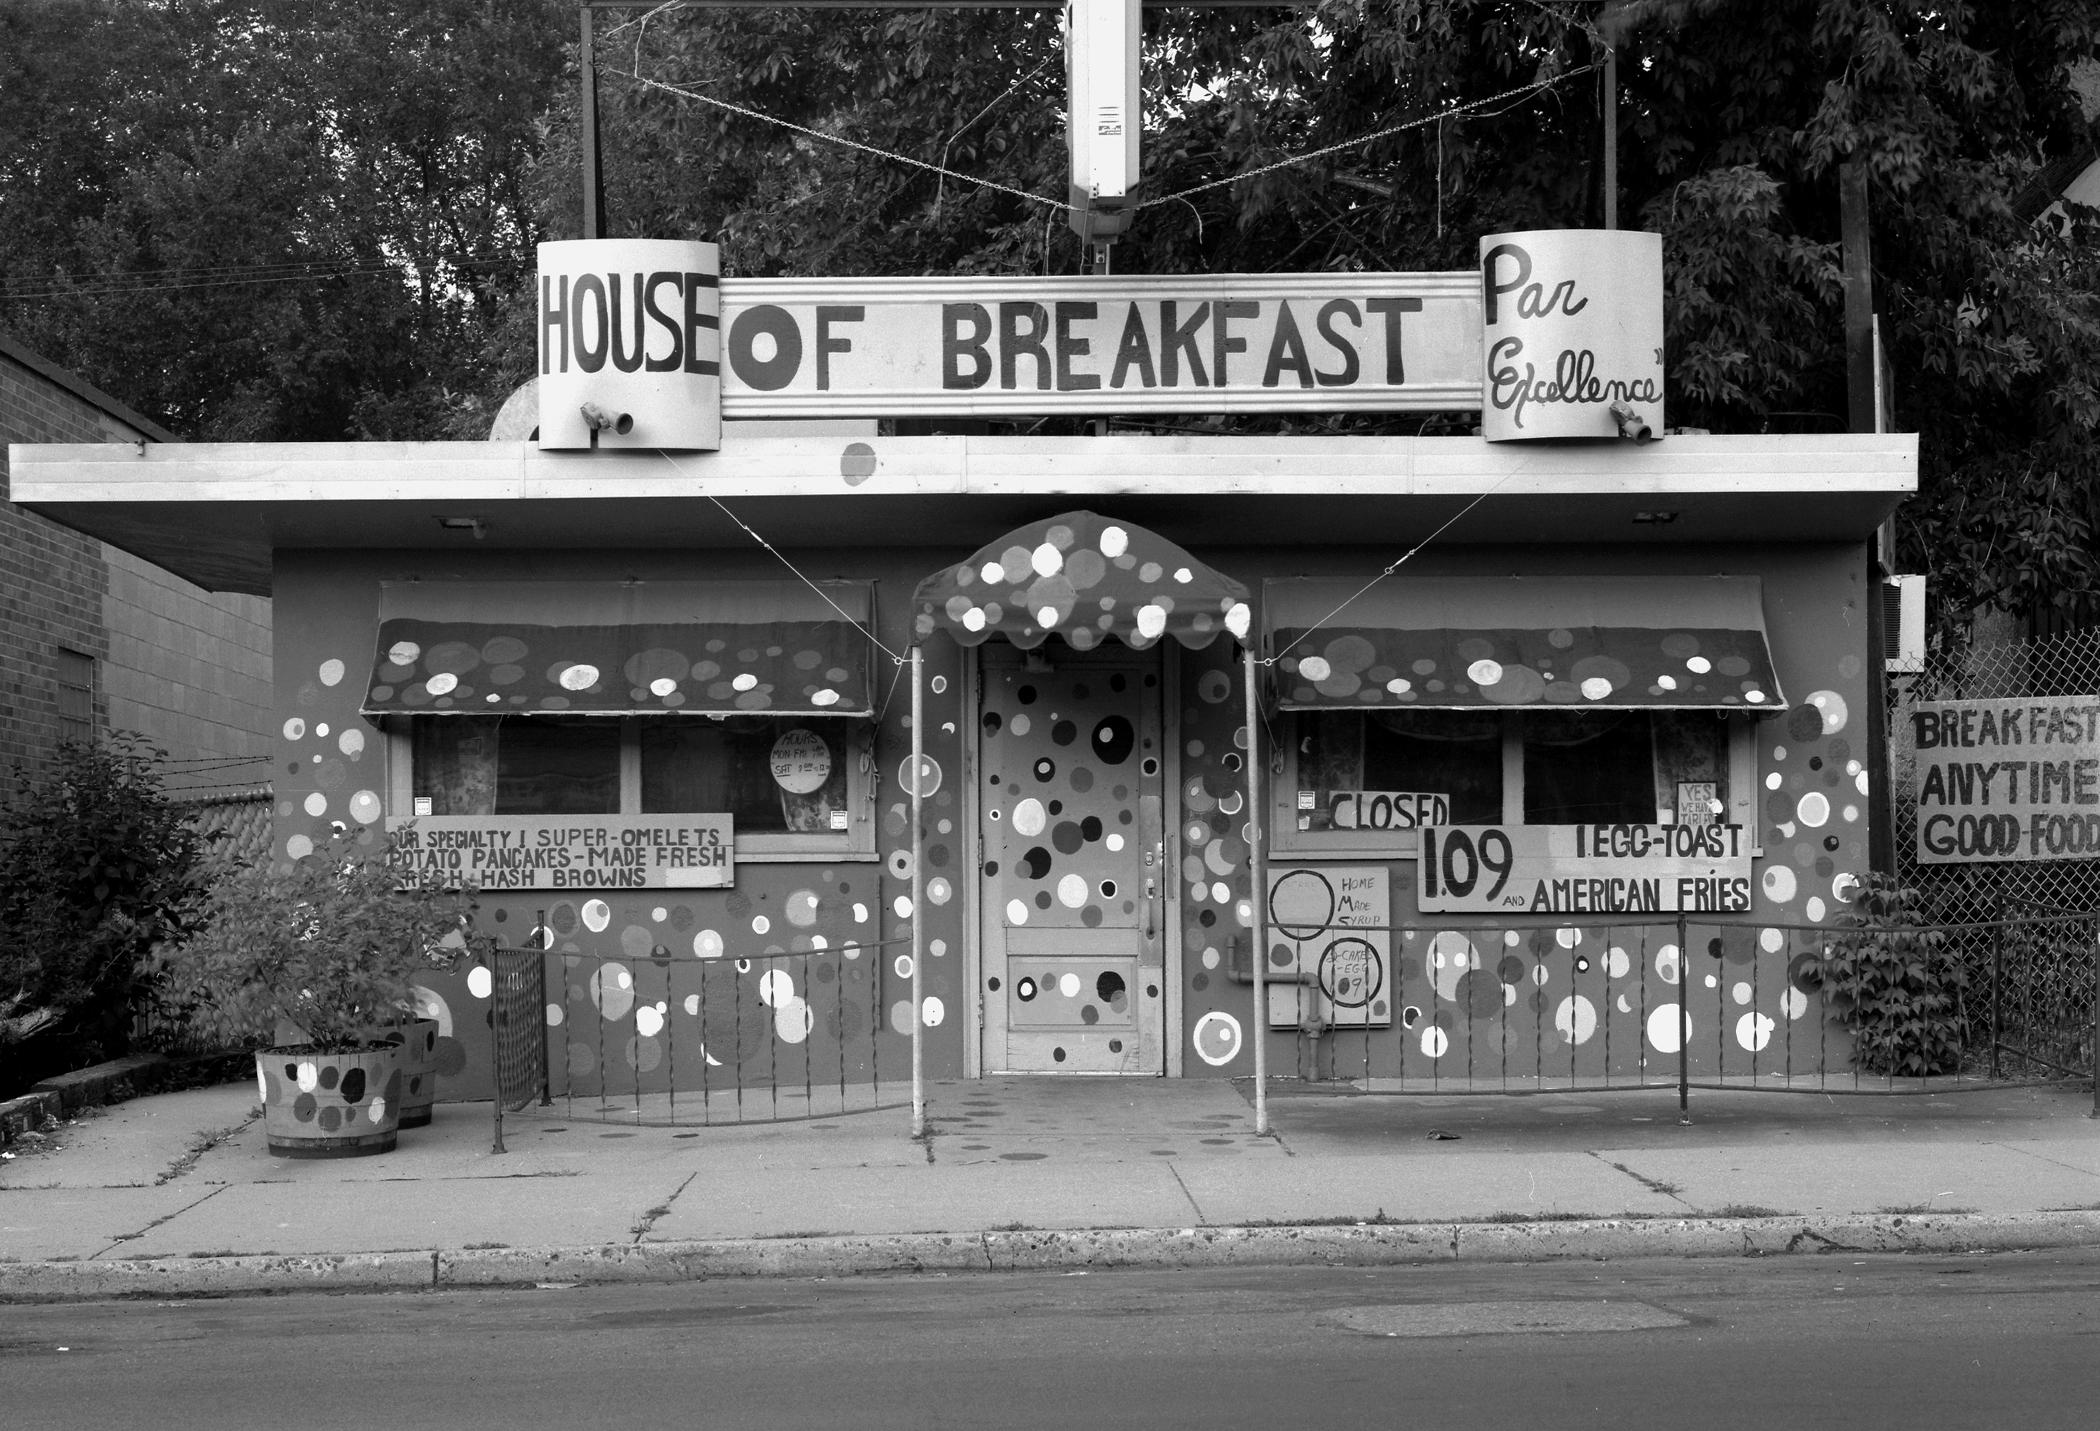 House of Breakfast, Minneapolis, MN